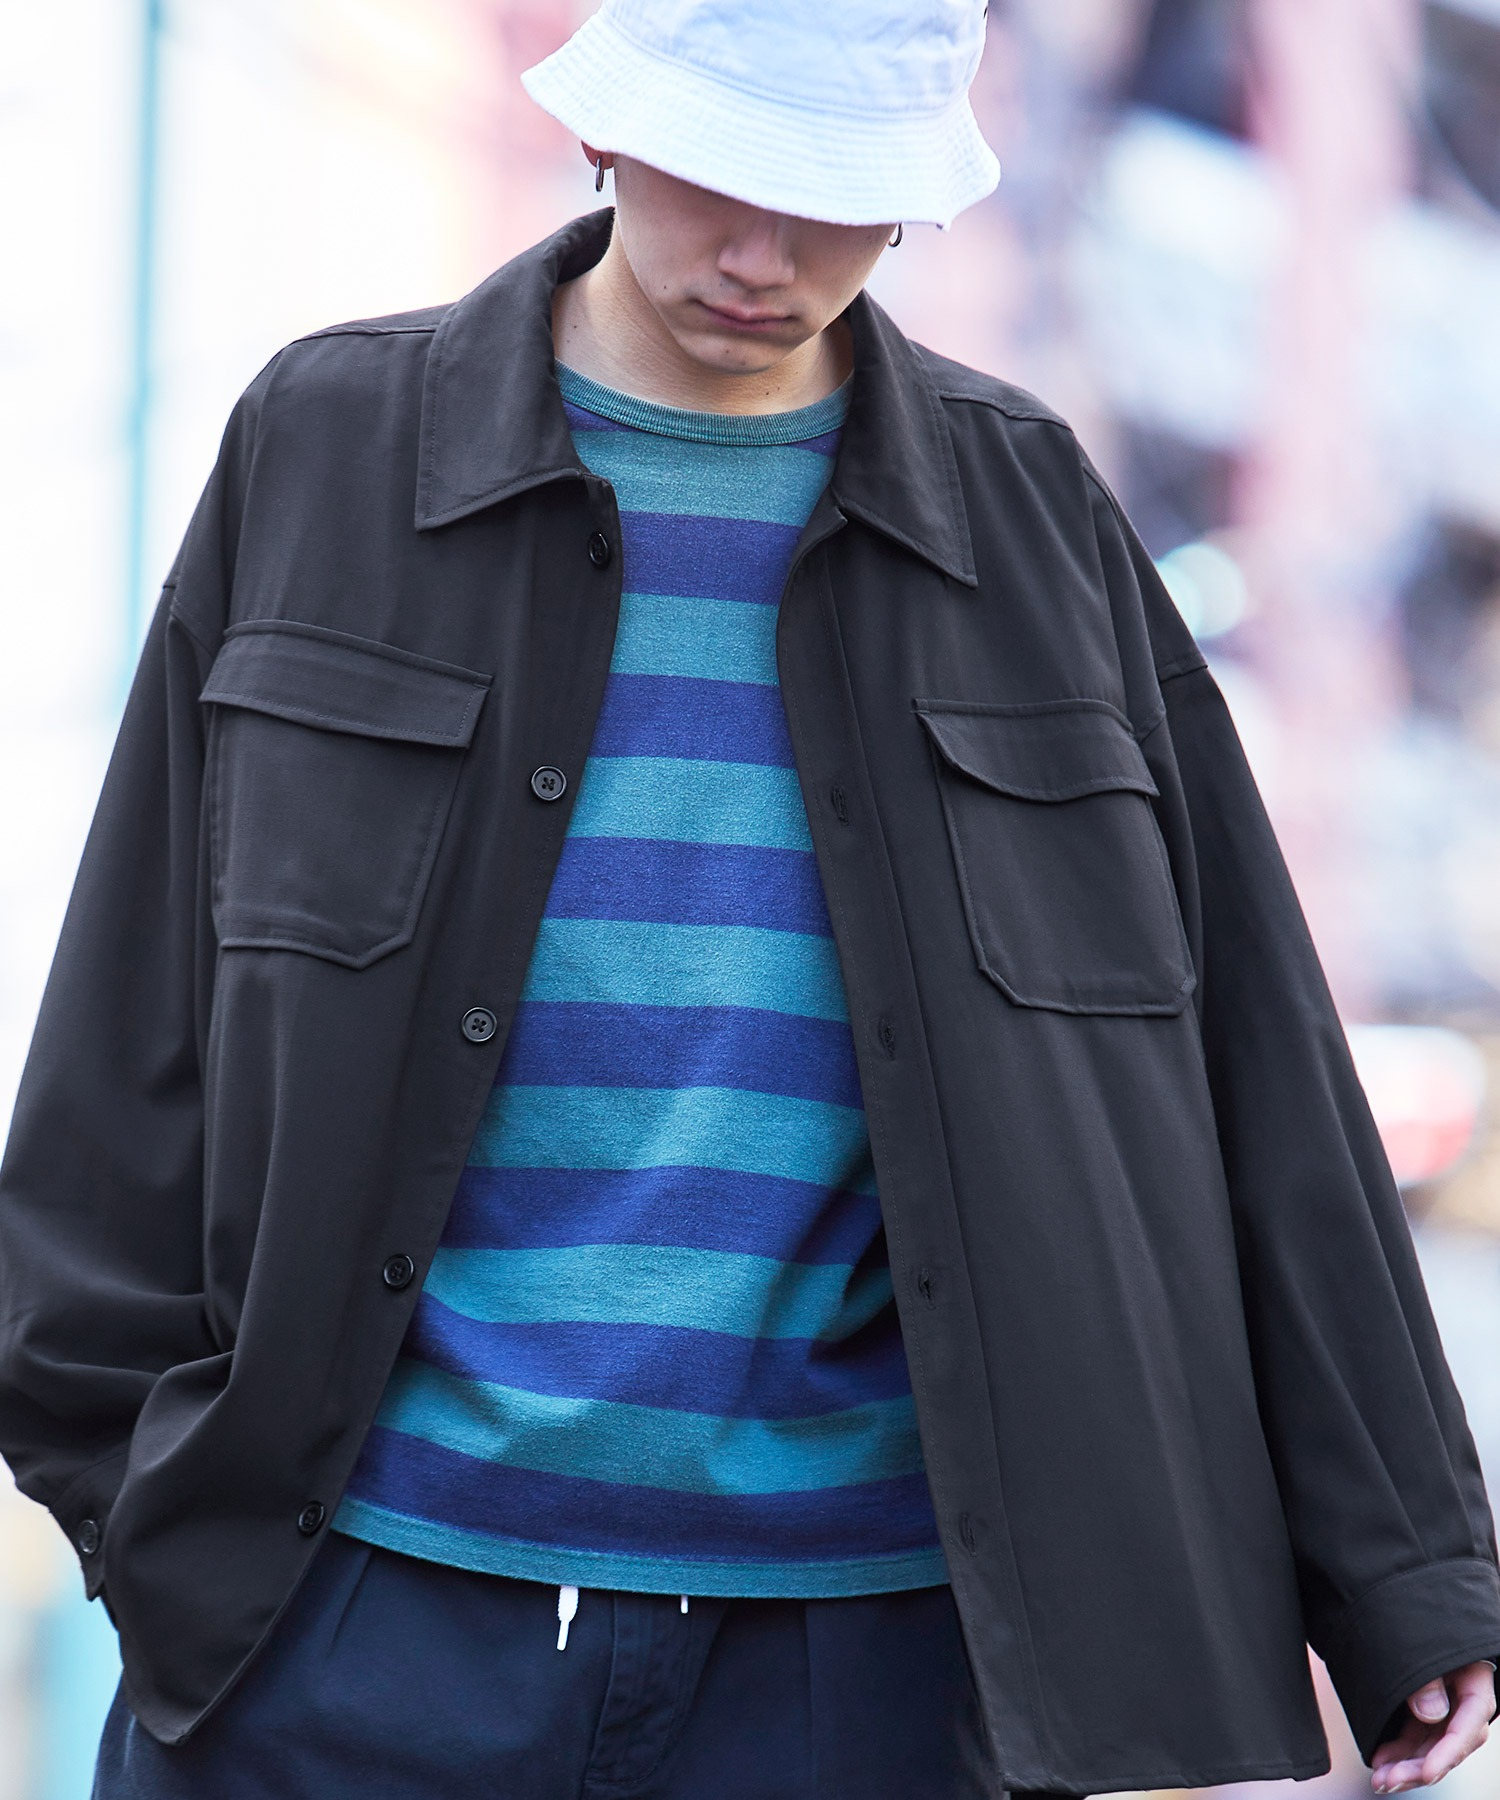 【ユニセックスで着用可能!】ツイル コーデュロイ CPOシャツ/オーバーサイズシャツ/シャツジャケット/セットアップ可